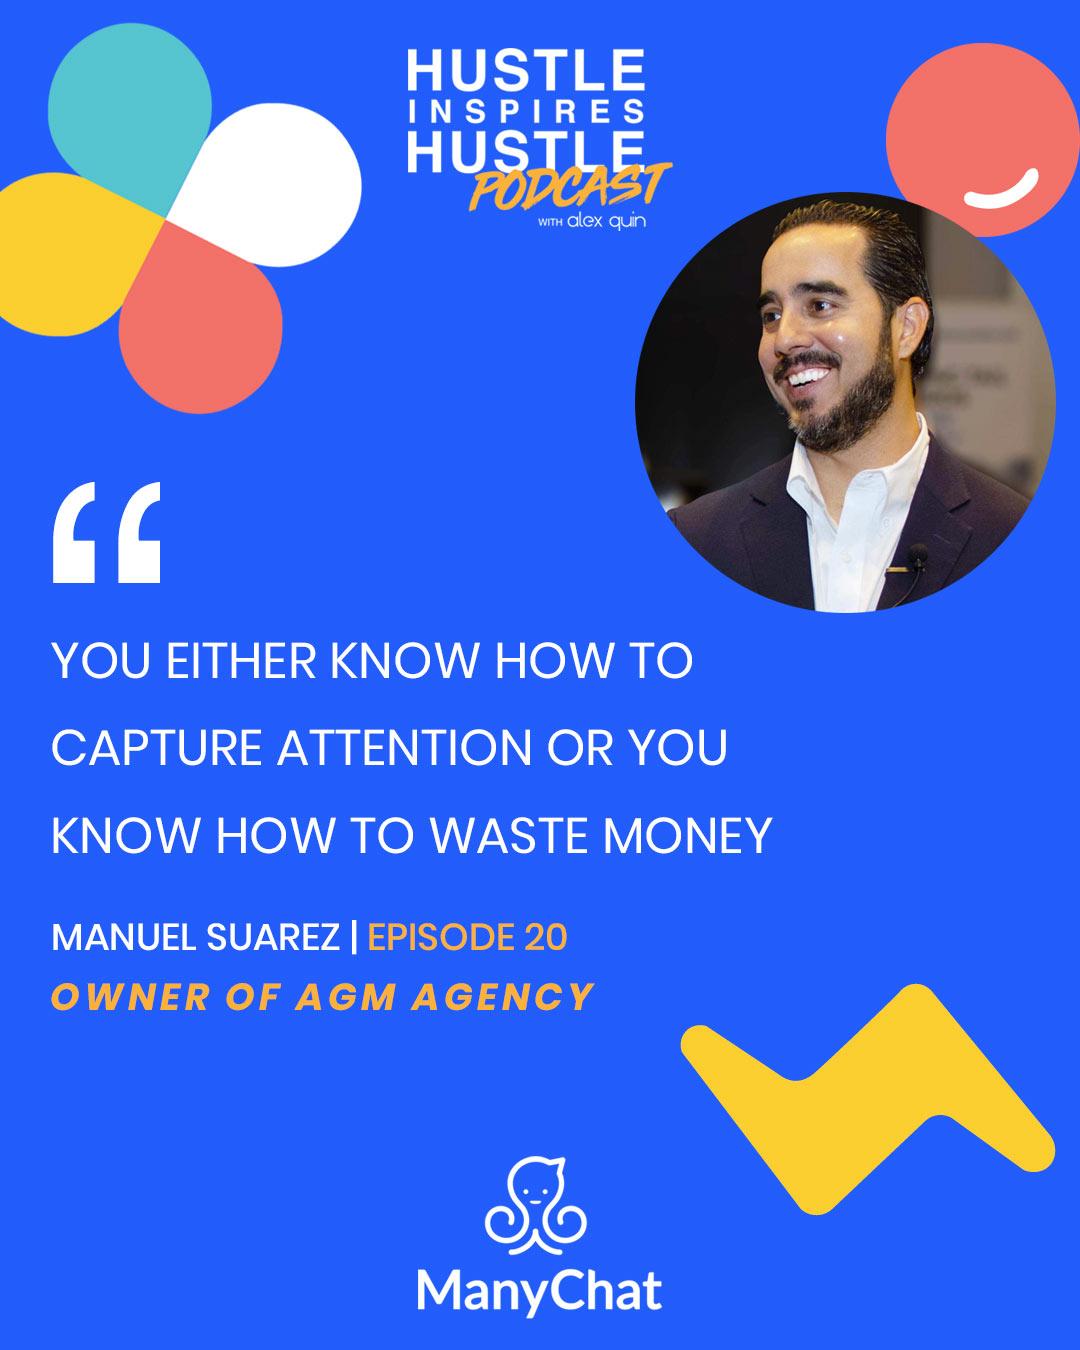 Manuel Suarez & Alex Quin | Manychat Conversations | Hustle Inspires Hustle Podcast